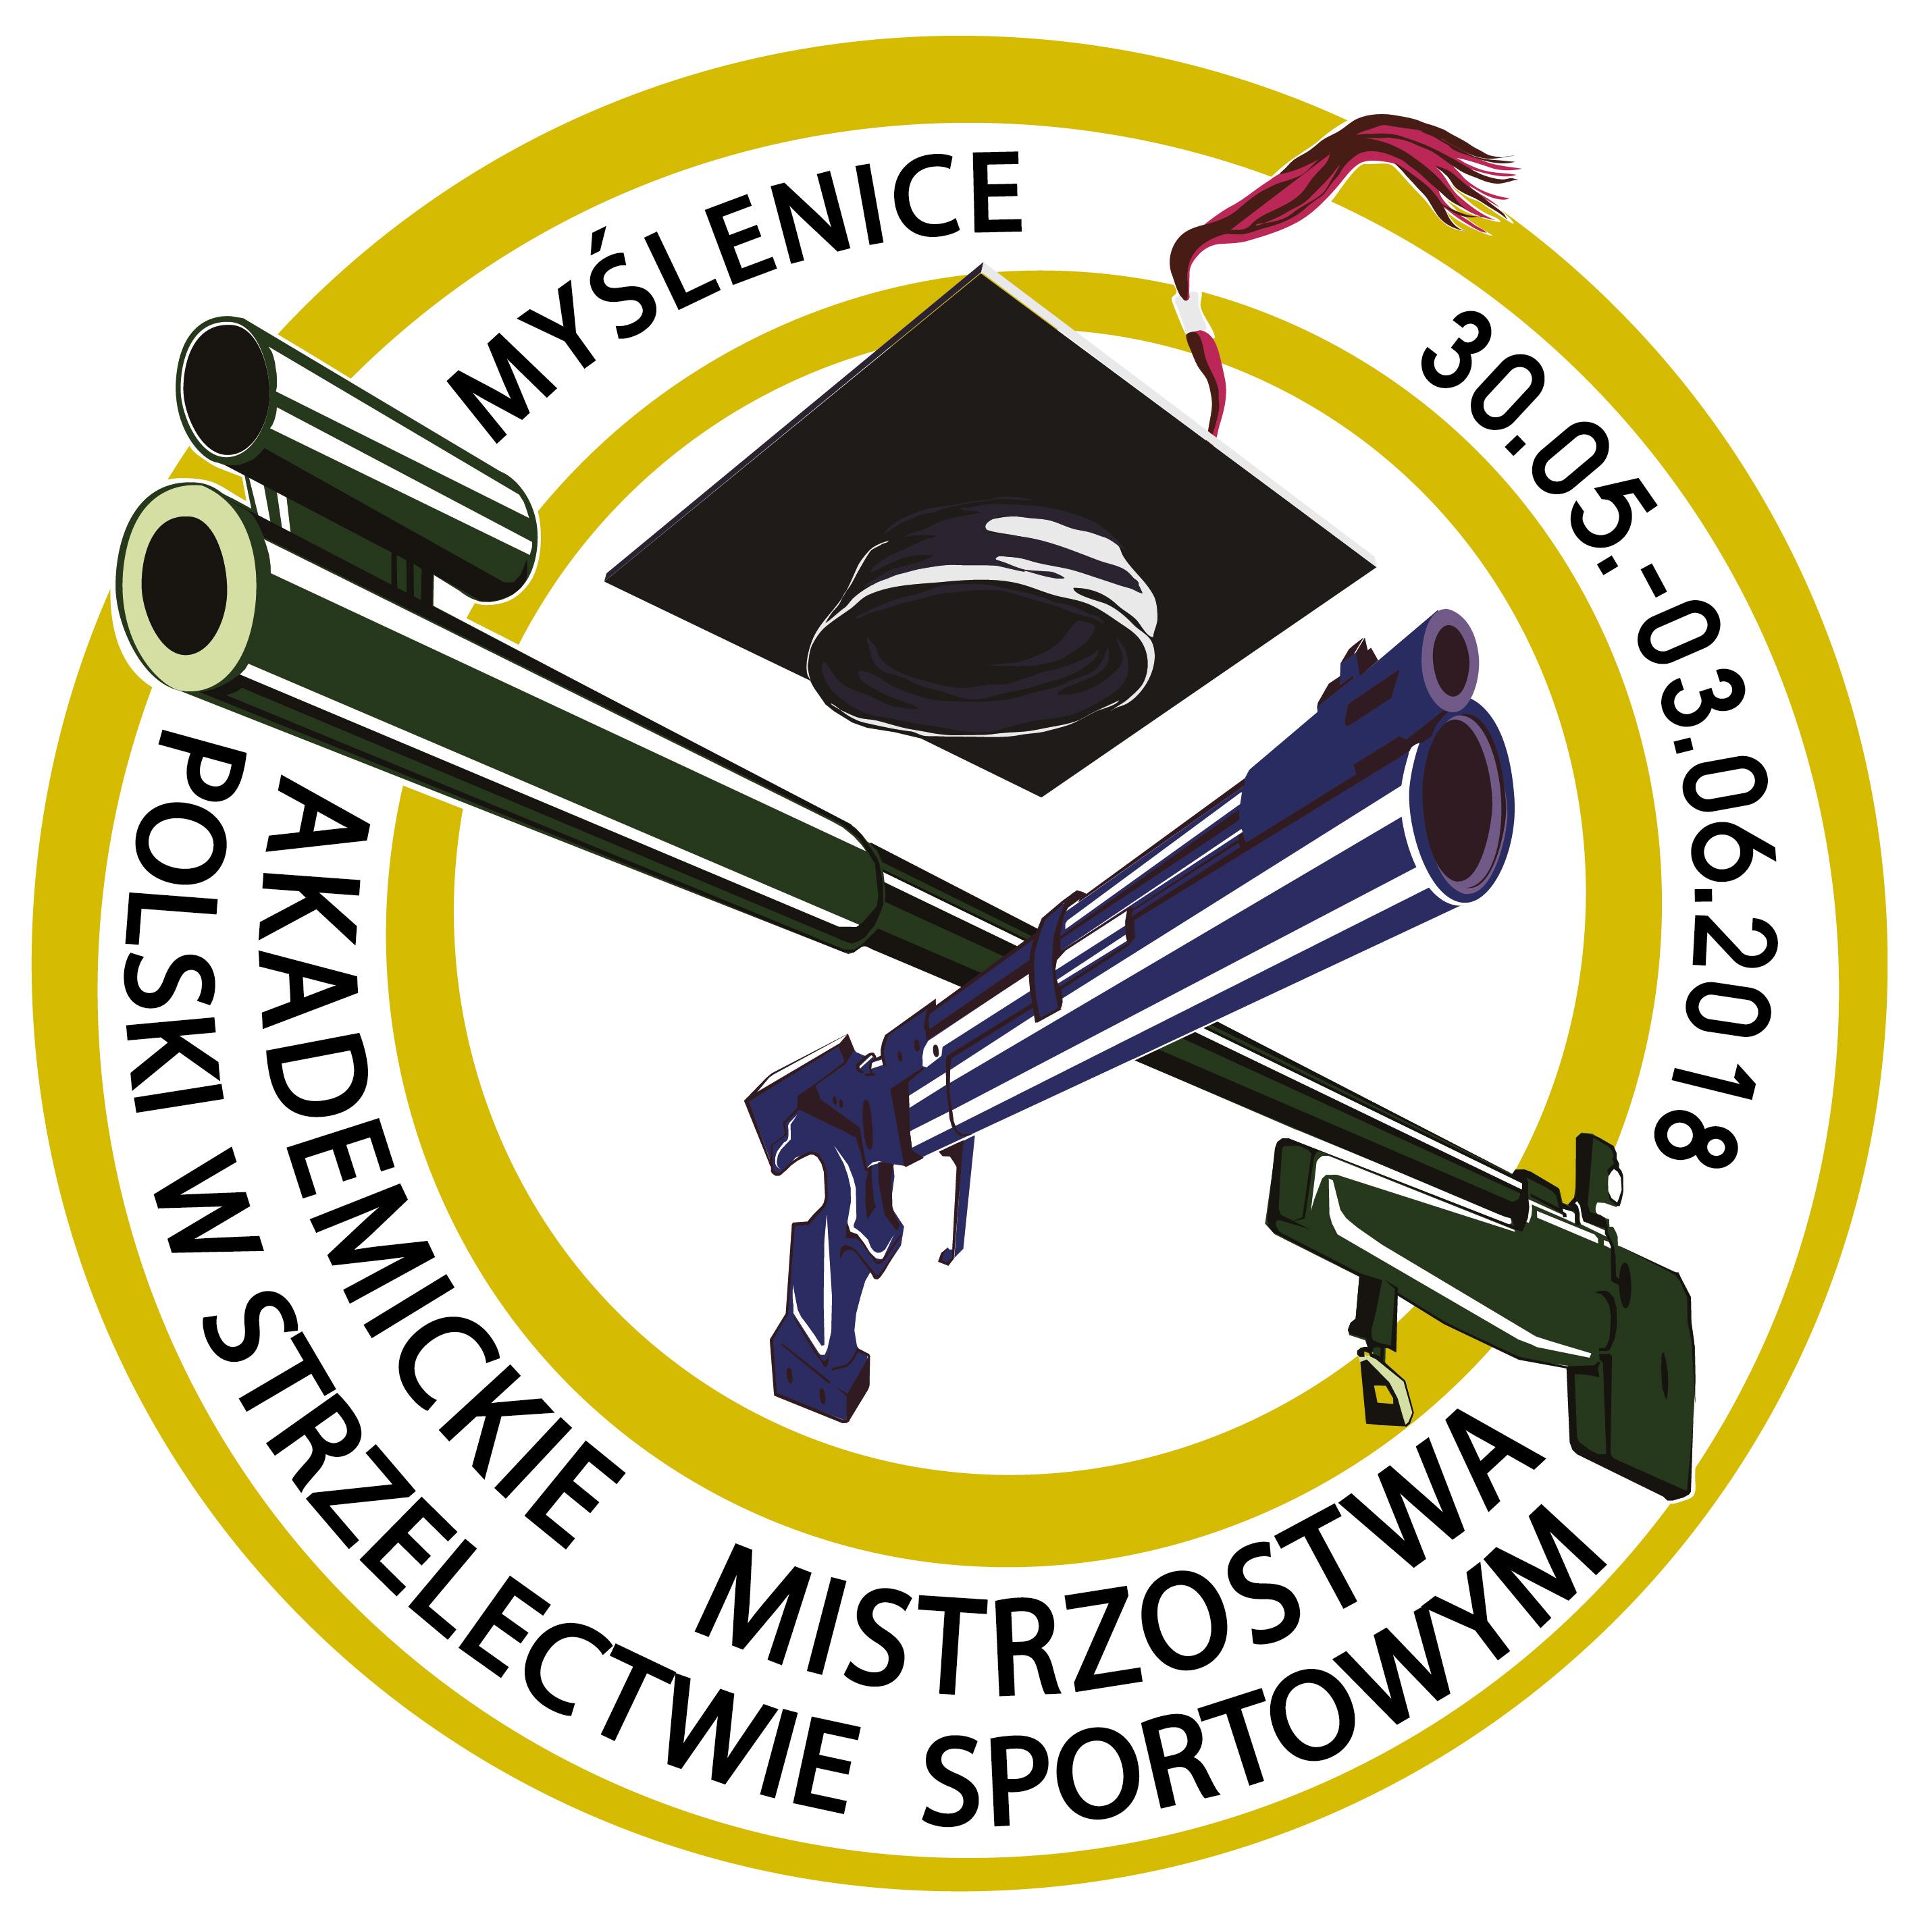 Logo Mistrzostw strzelectwo